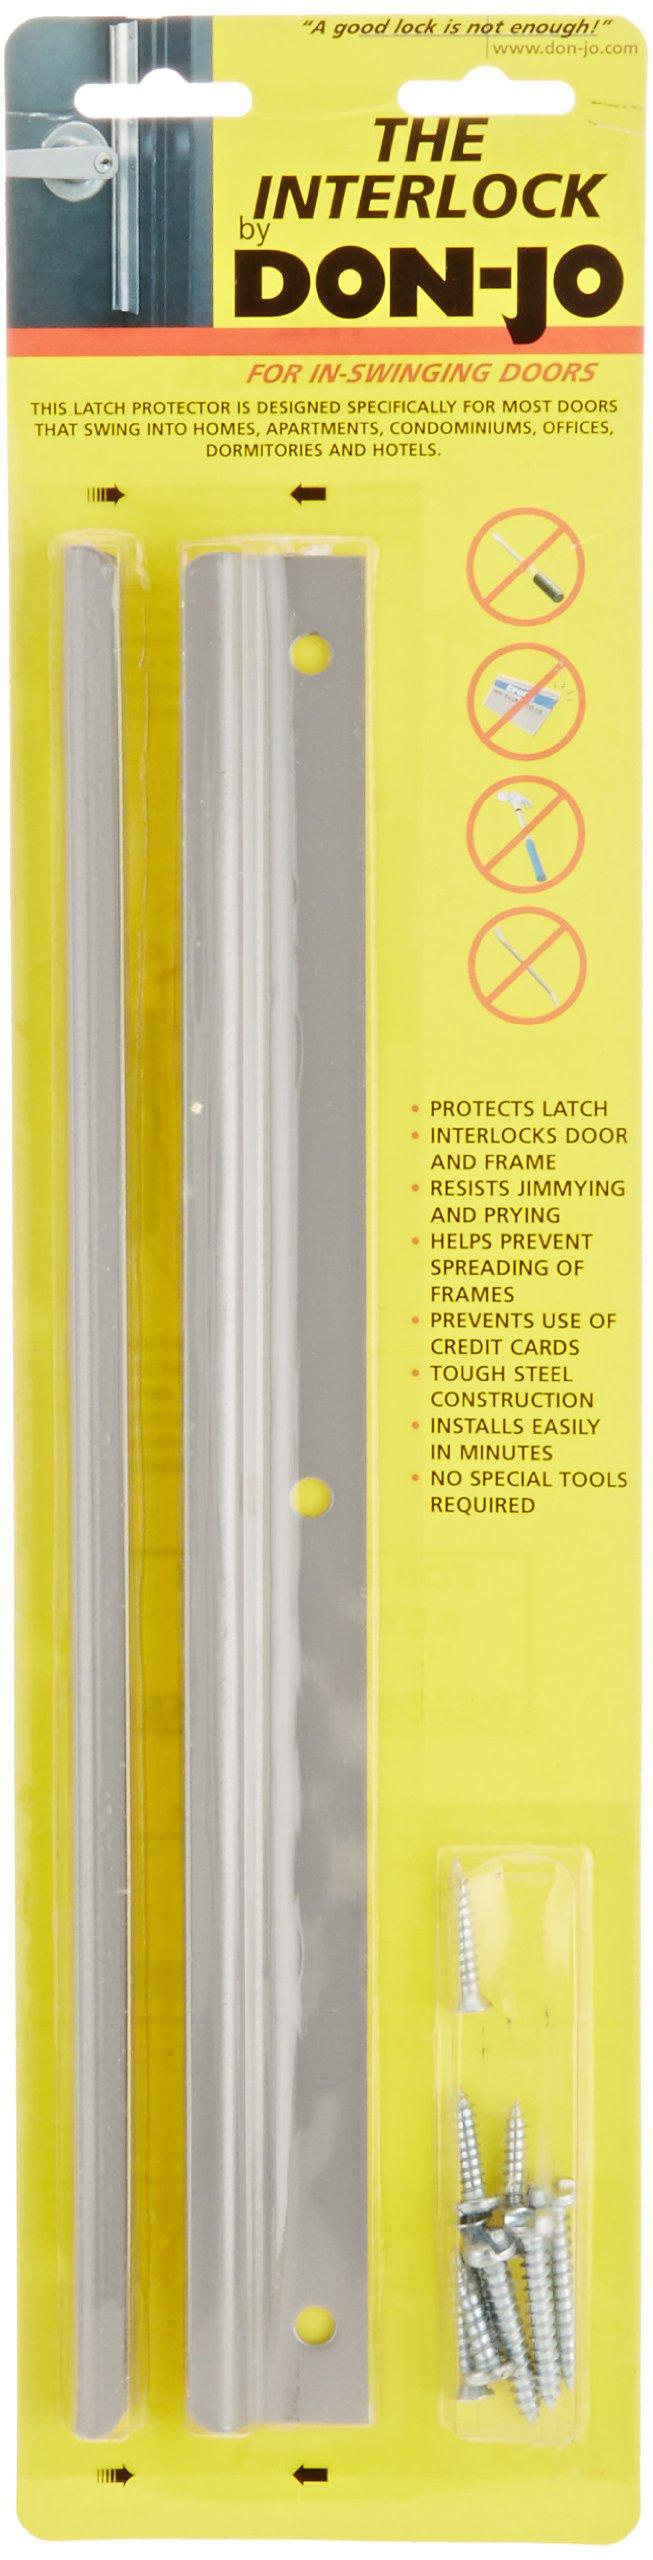 Don-Jo ILP 212 14 Gauge Steel Inswinging Door Interlock Latch Protector, Silver Coated, 12'' Height (Pack of 10)